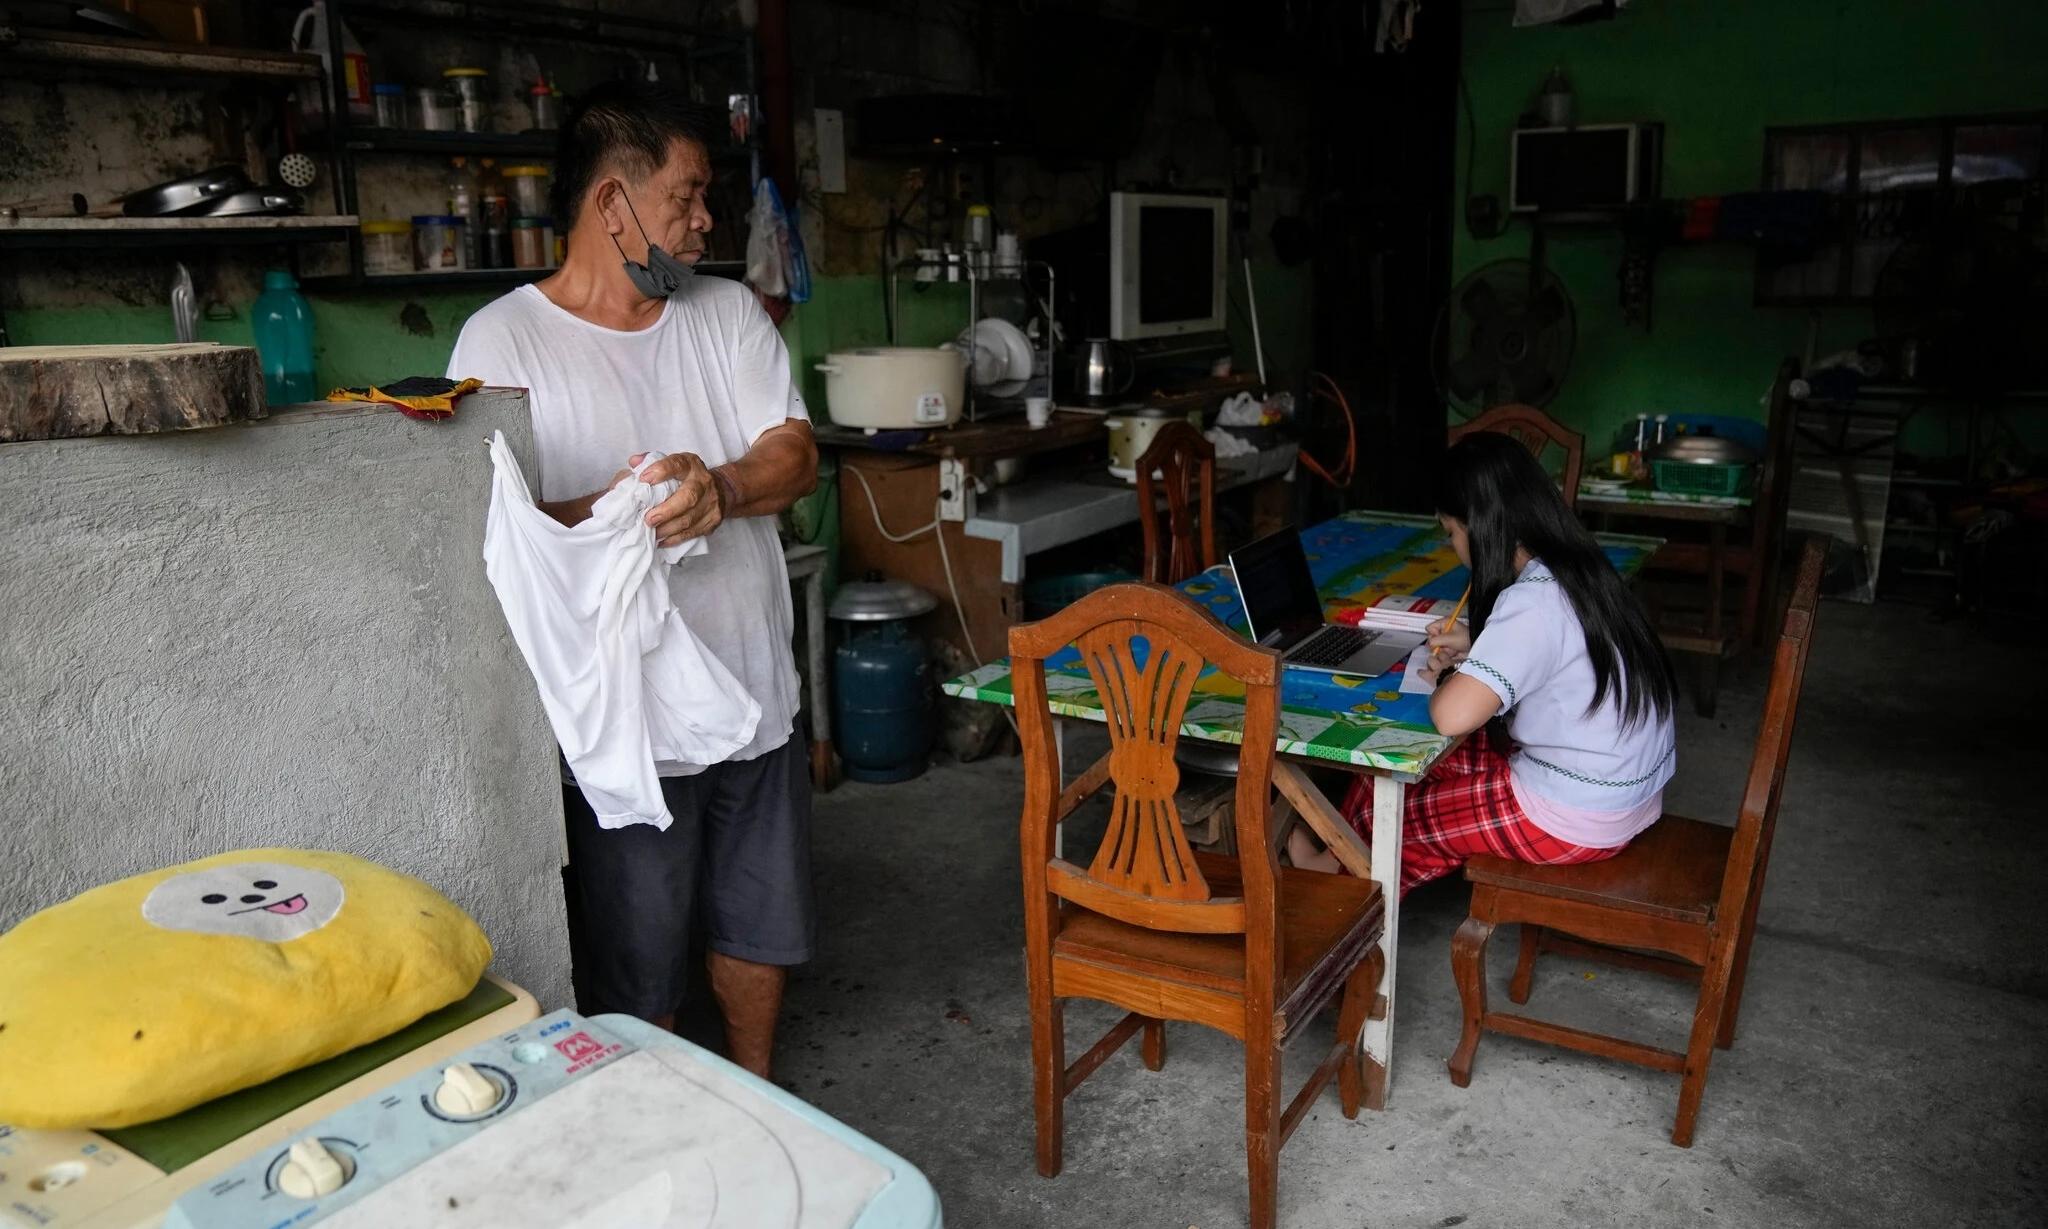 Một học sinh học trực tuyến bằng máy tính xách tay tại nhà của em ở thành phố Quezon, Philippines, hôm 13/9. Ảnh: AP.